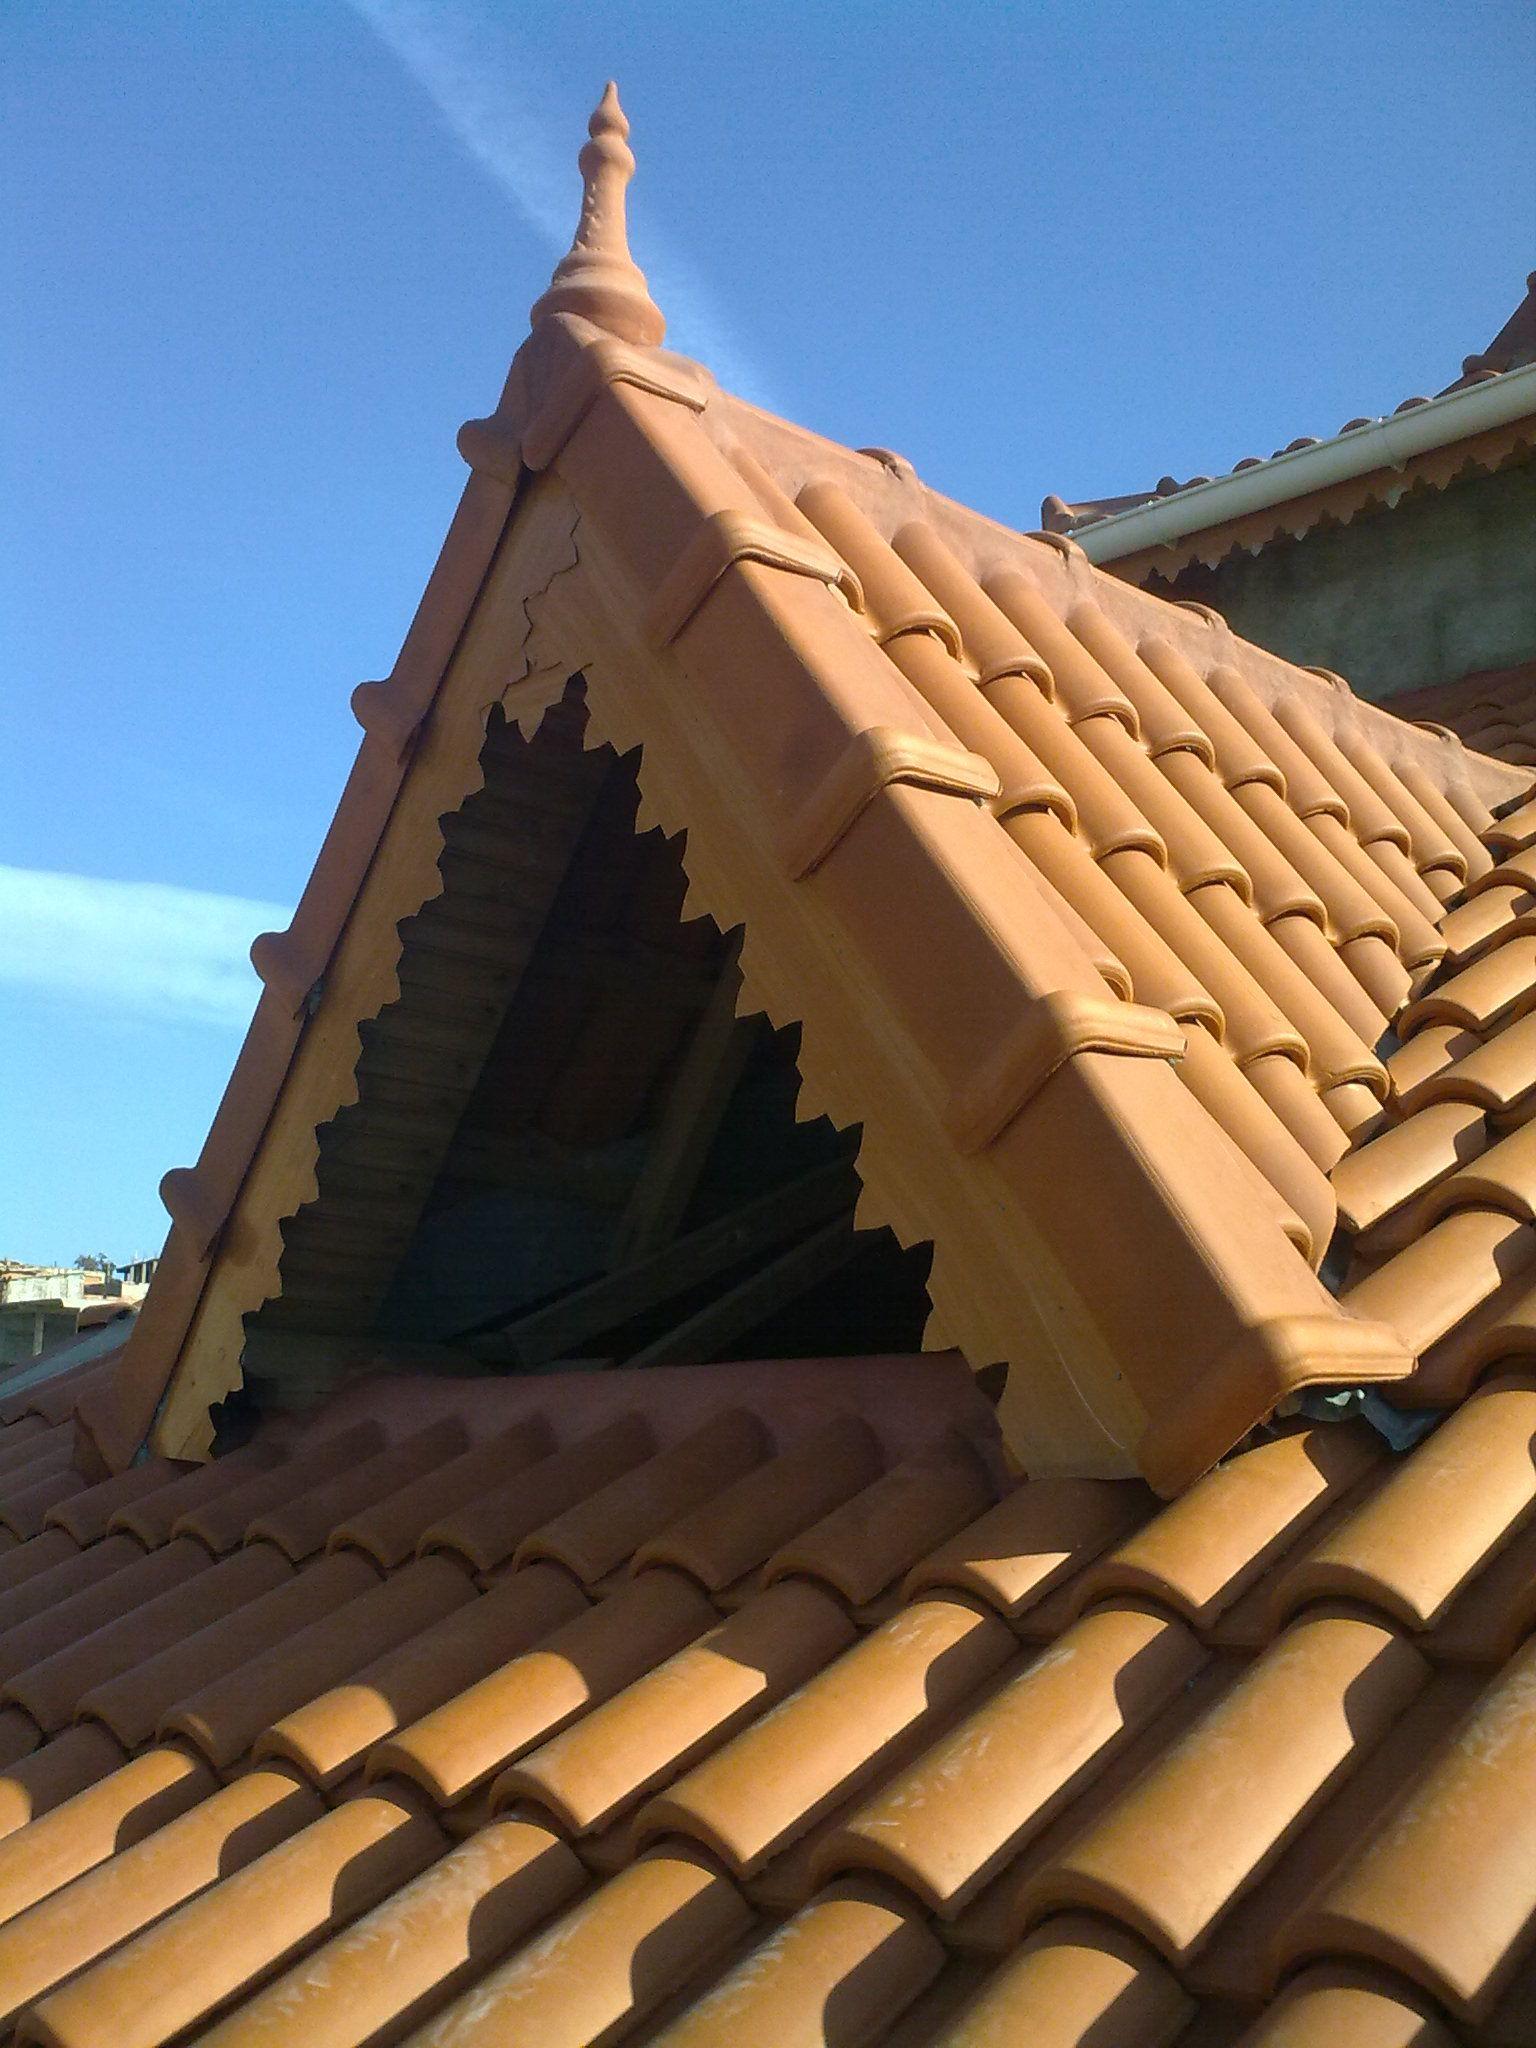 charpente en bois toiture d coration. Black Bedroom Furniture Sets. Home Design Ideas